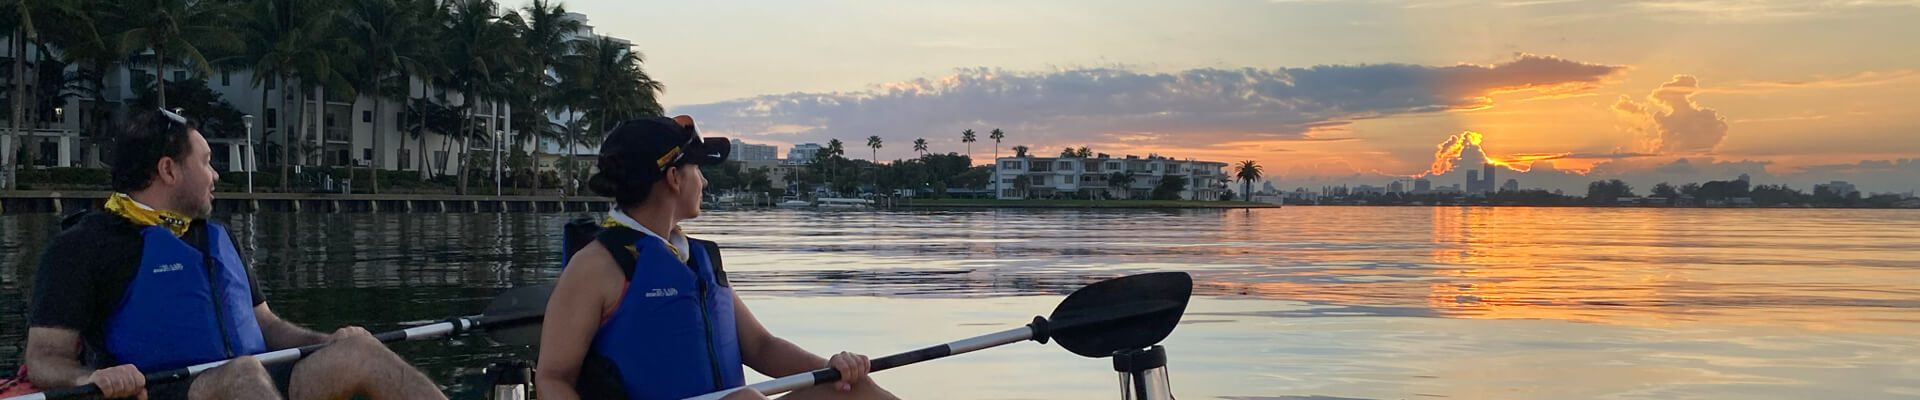 Sunday Sunrise Kayak SUP Paddle